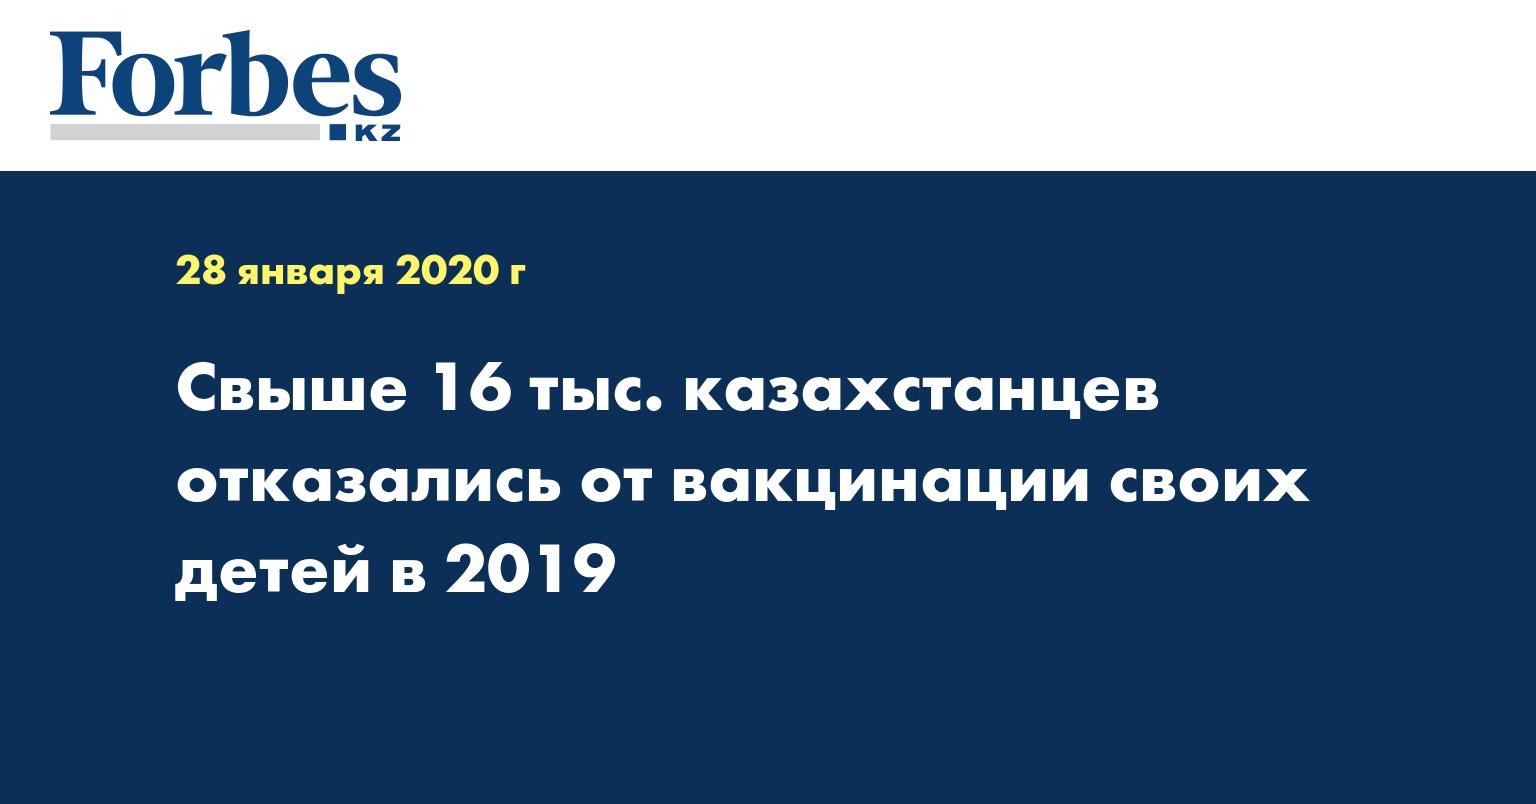 Свыше 16 тыс. казахстанцев отказались от вакцинации своих детей в 2019